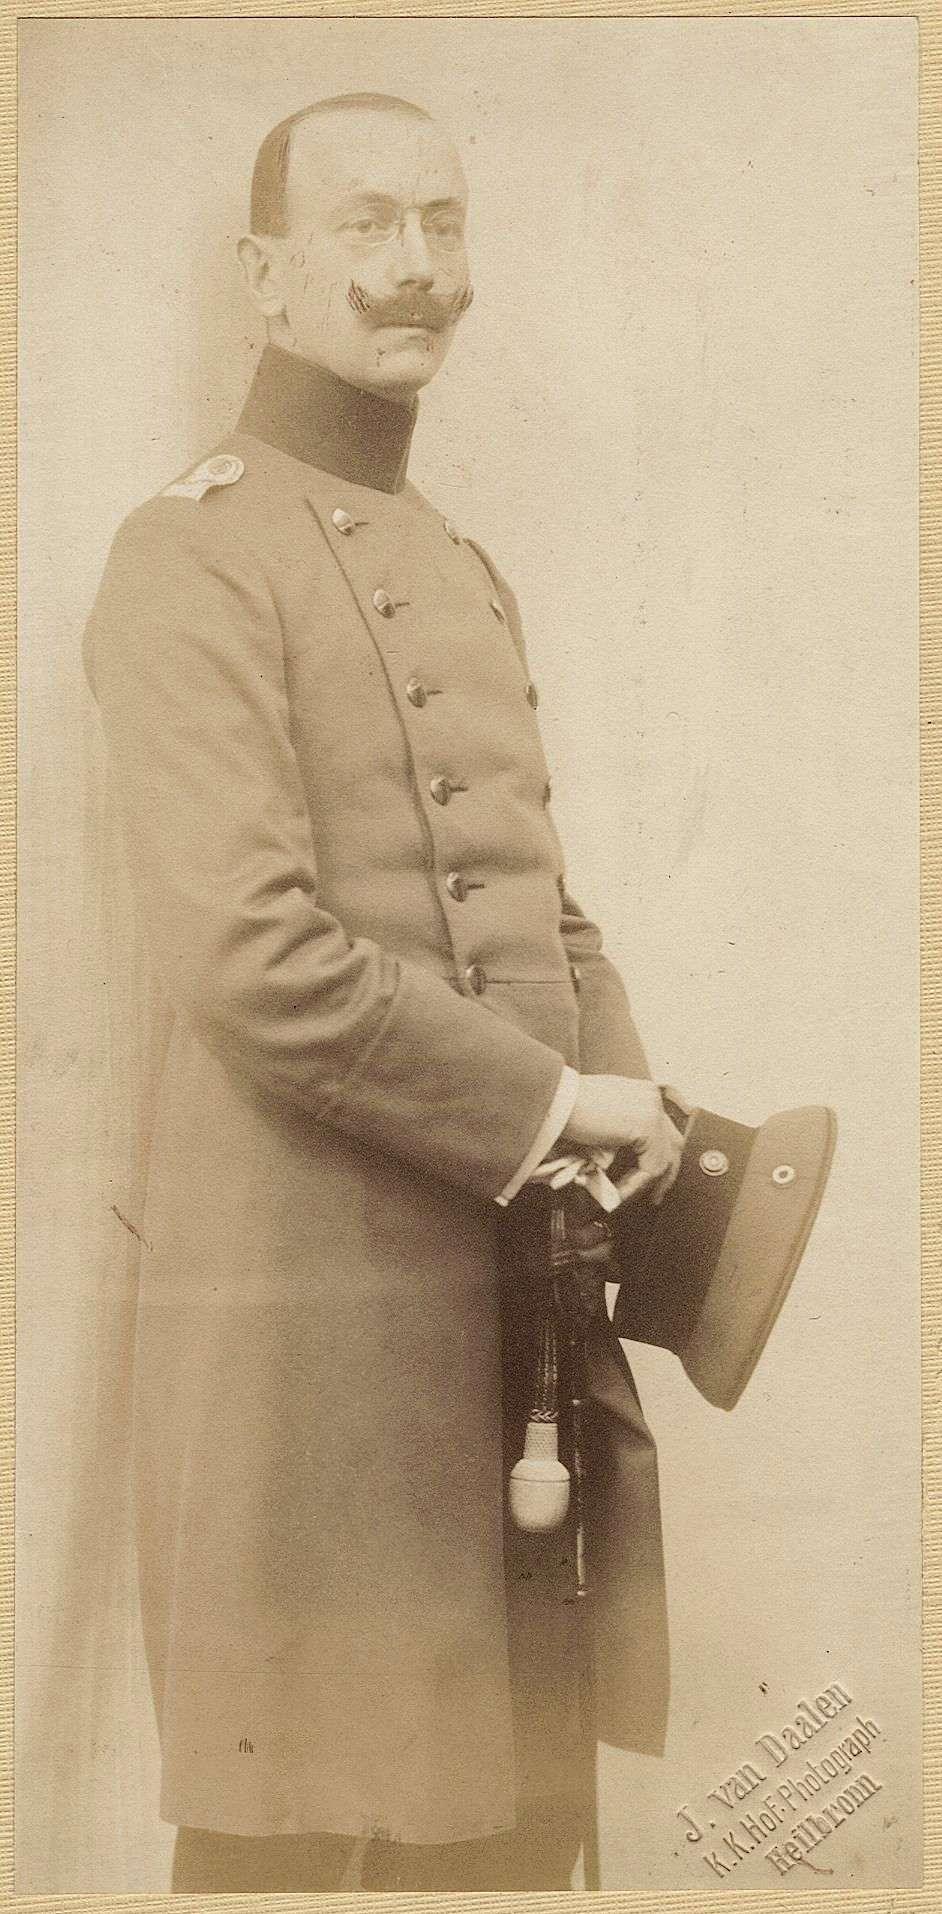 Hoechstetter, Fritz, Bild 2